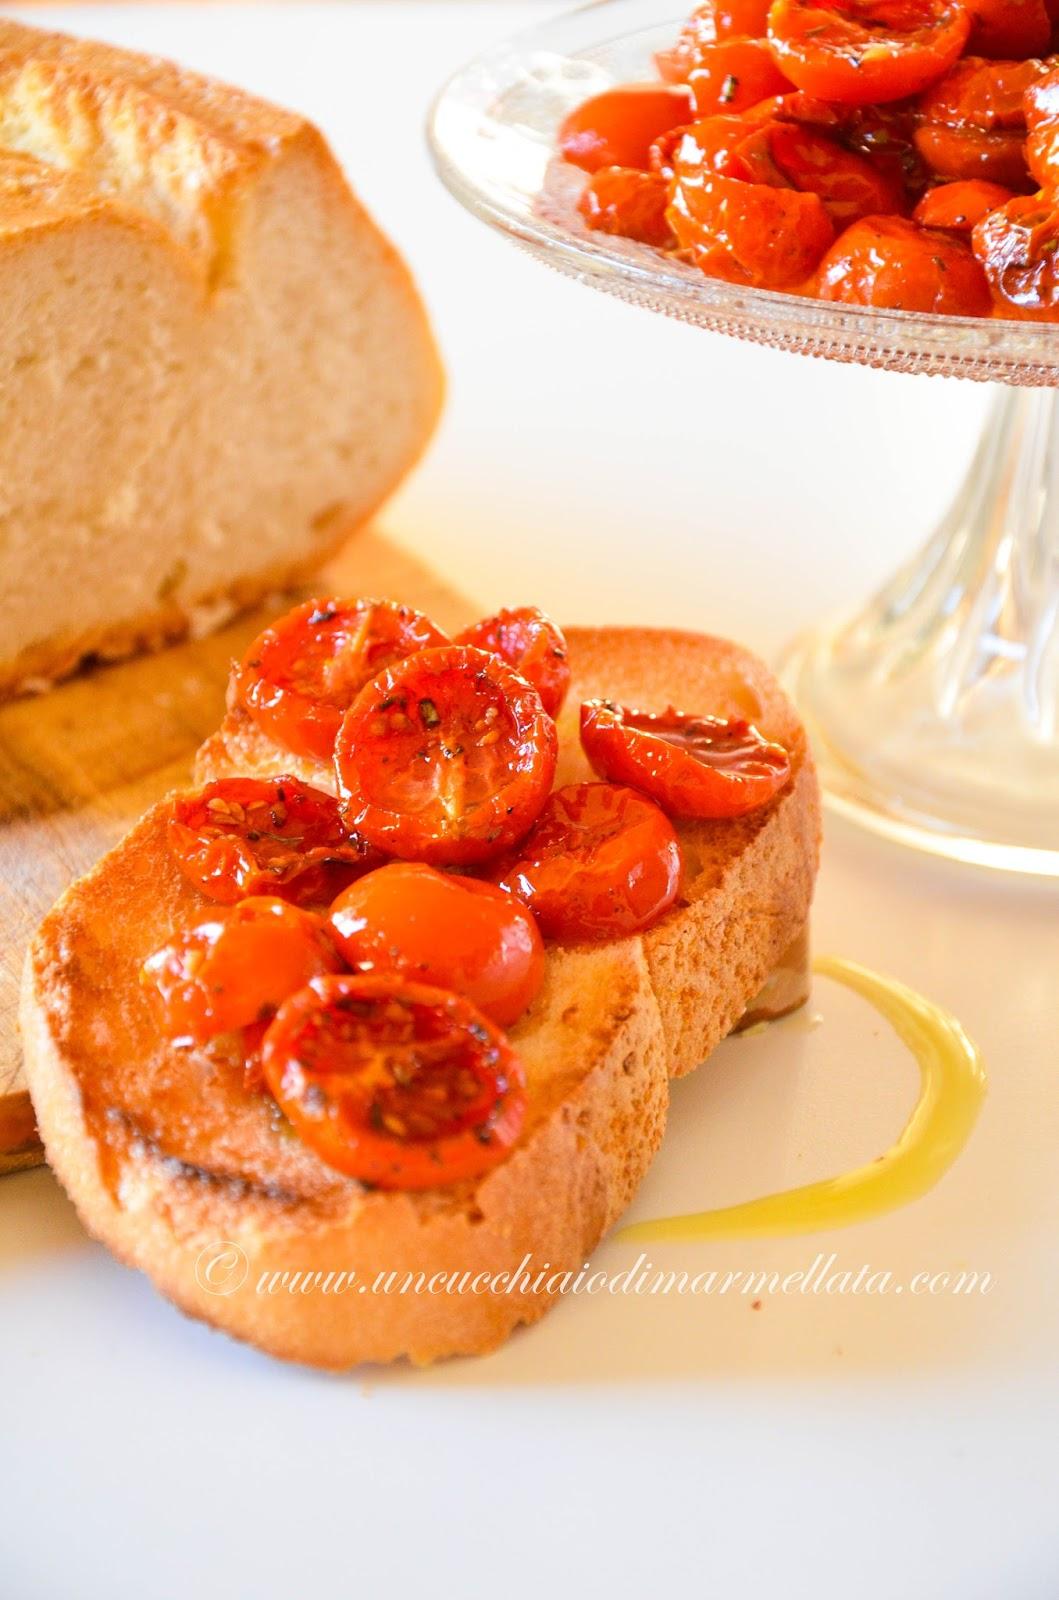 bruschetta con pomodori confit ai profumi provenzali